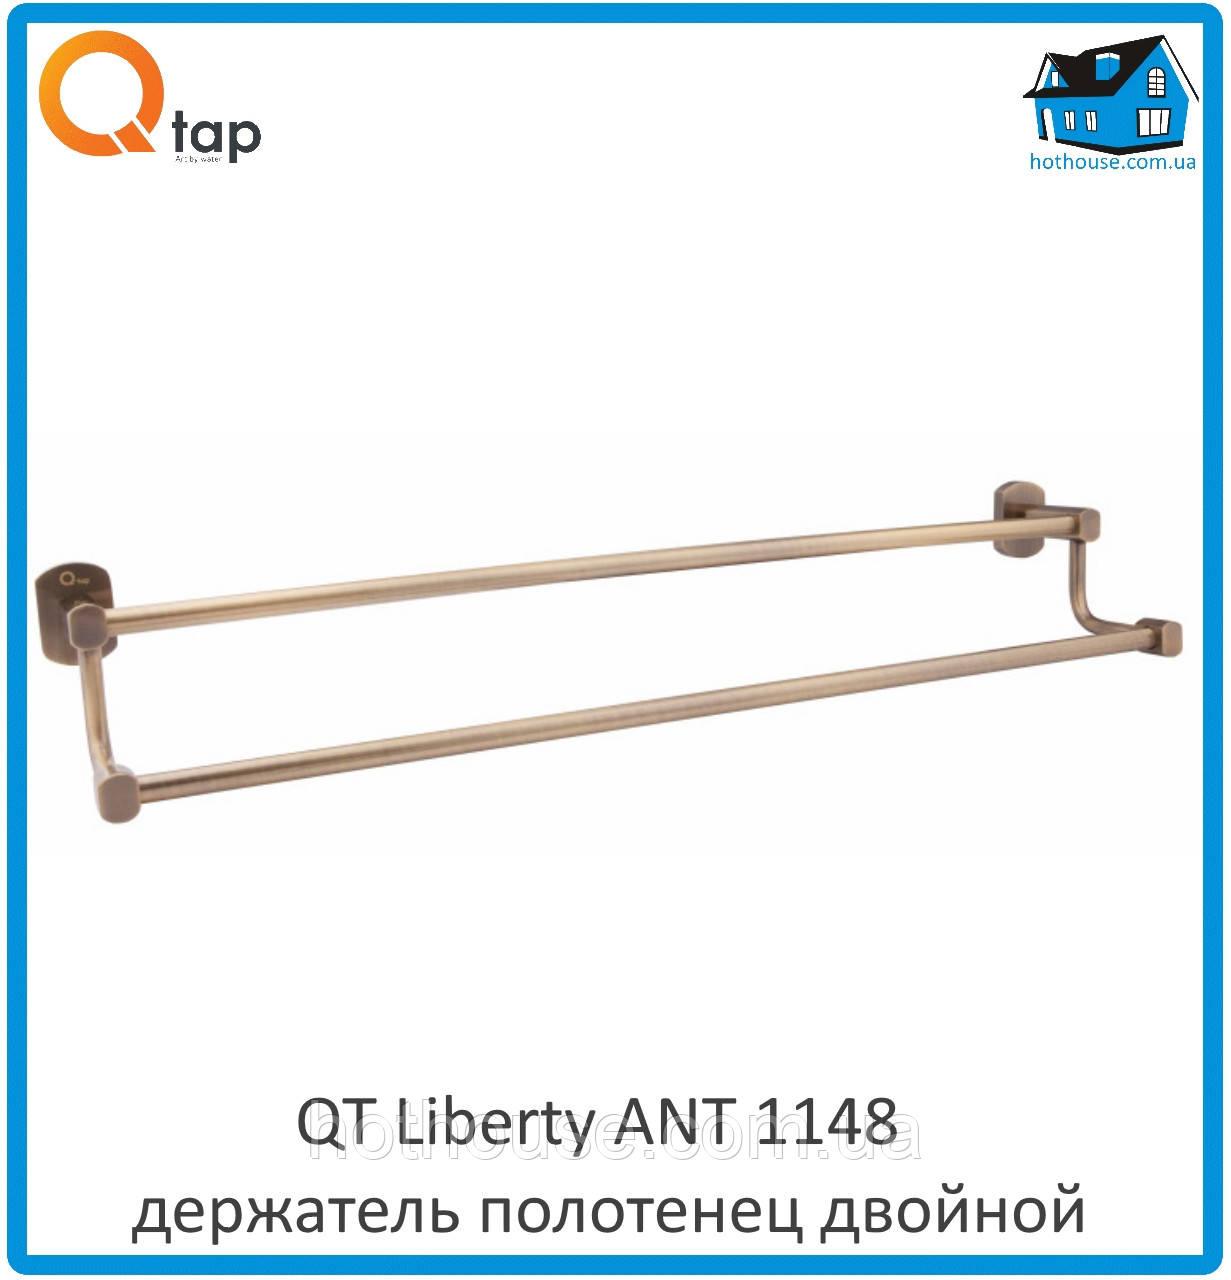 Двойной держатель полотенец QT Liberty ANT 1148